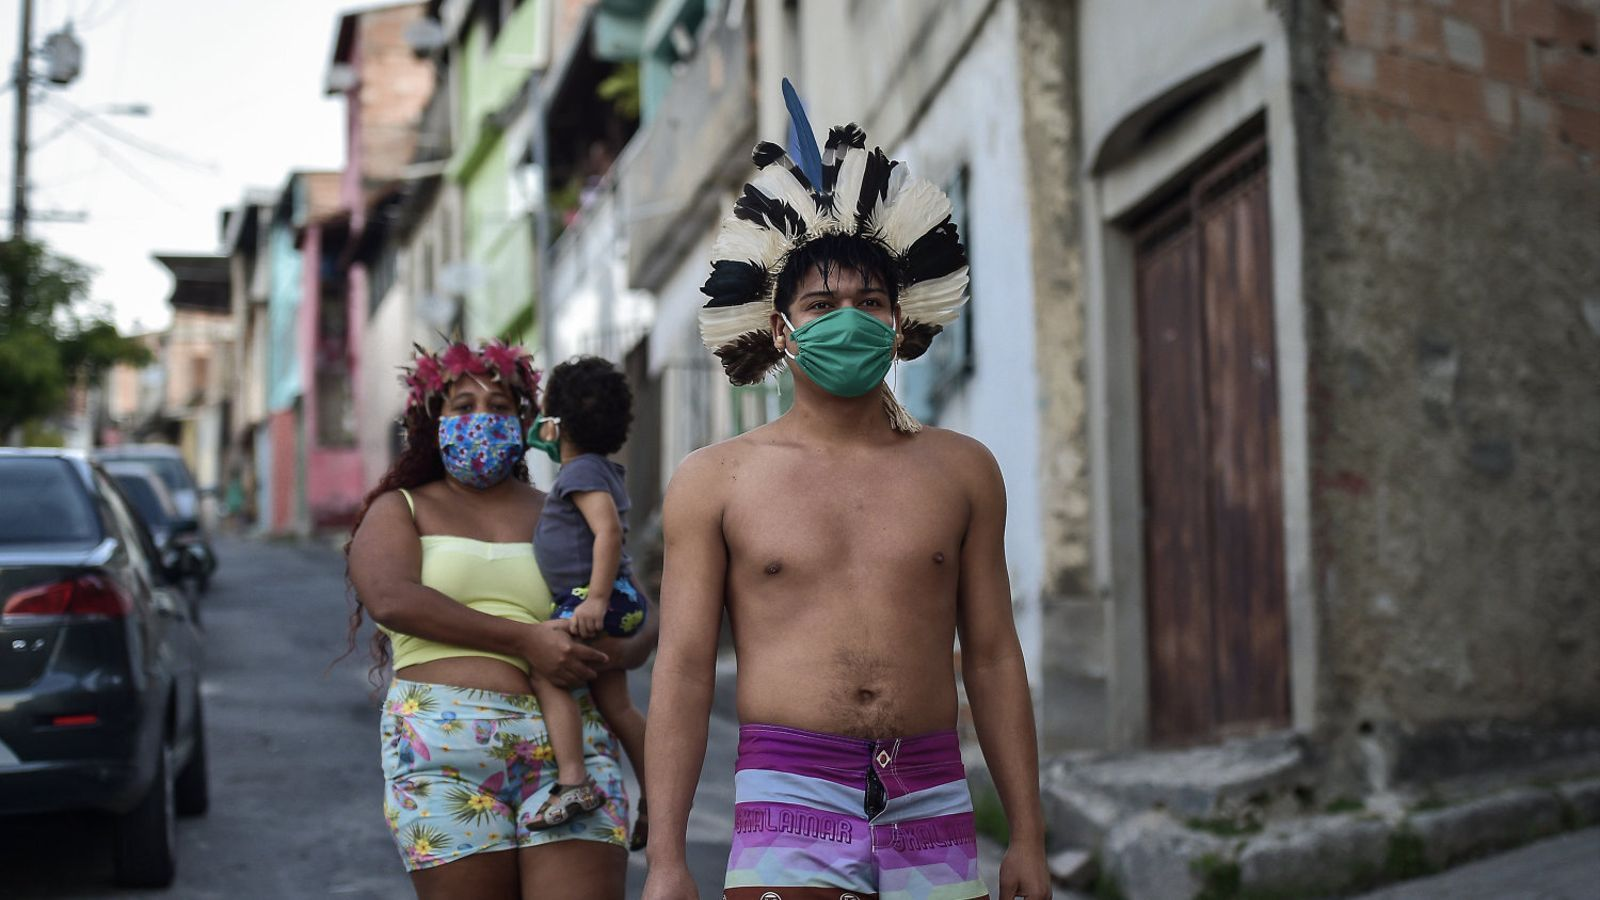 Una parella indígena de l'ètnia pataxó i el seu fill en un carrer de la ciutat brasilera de Belo Horizonte.